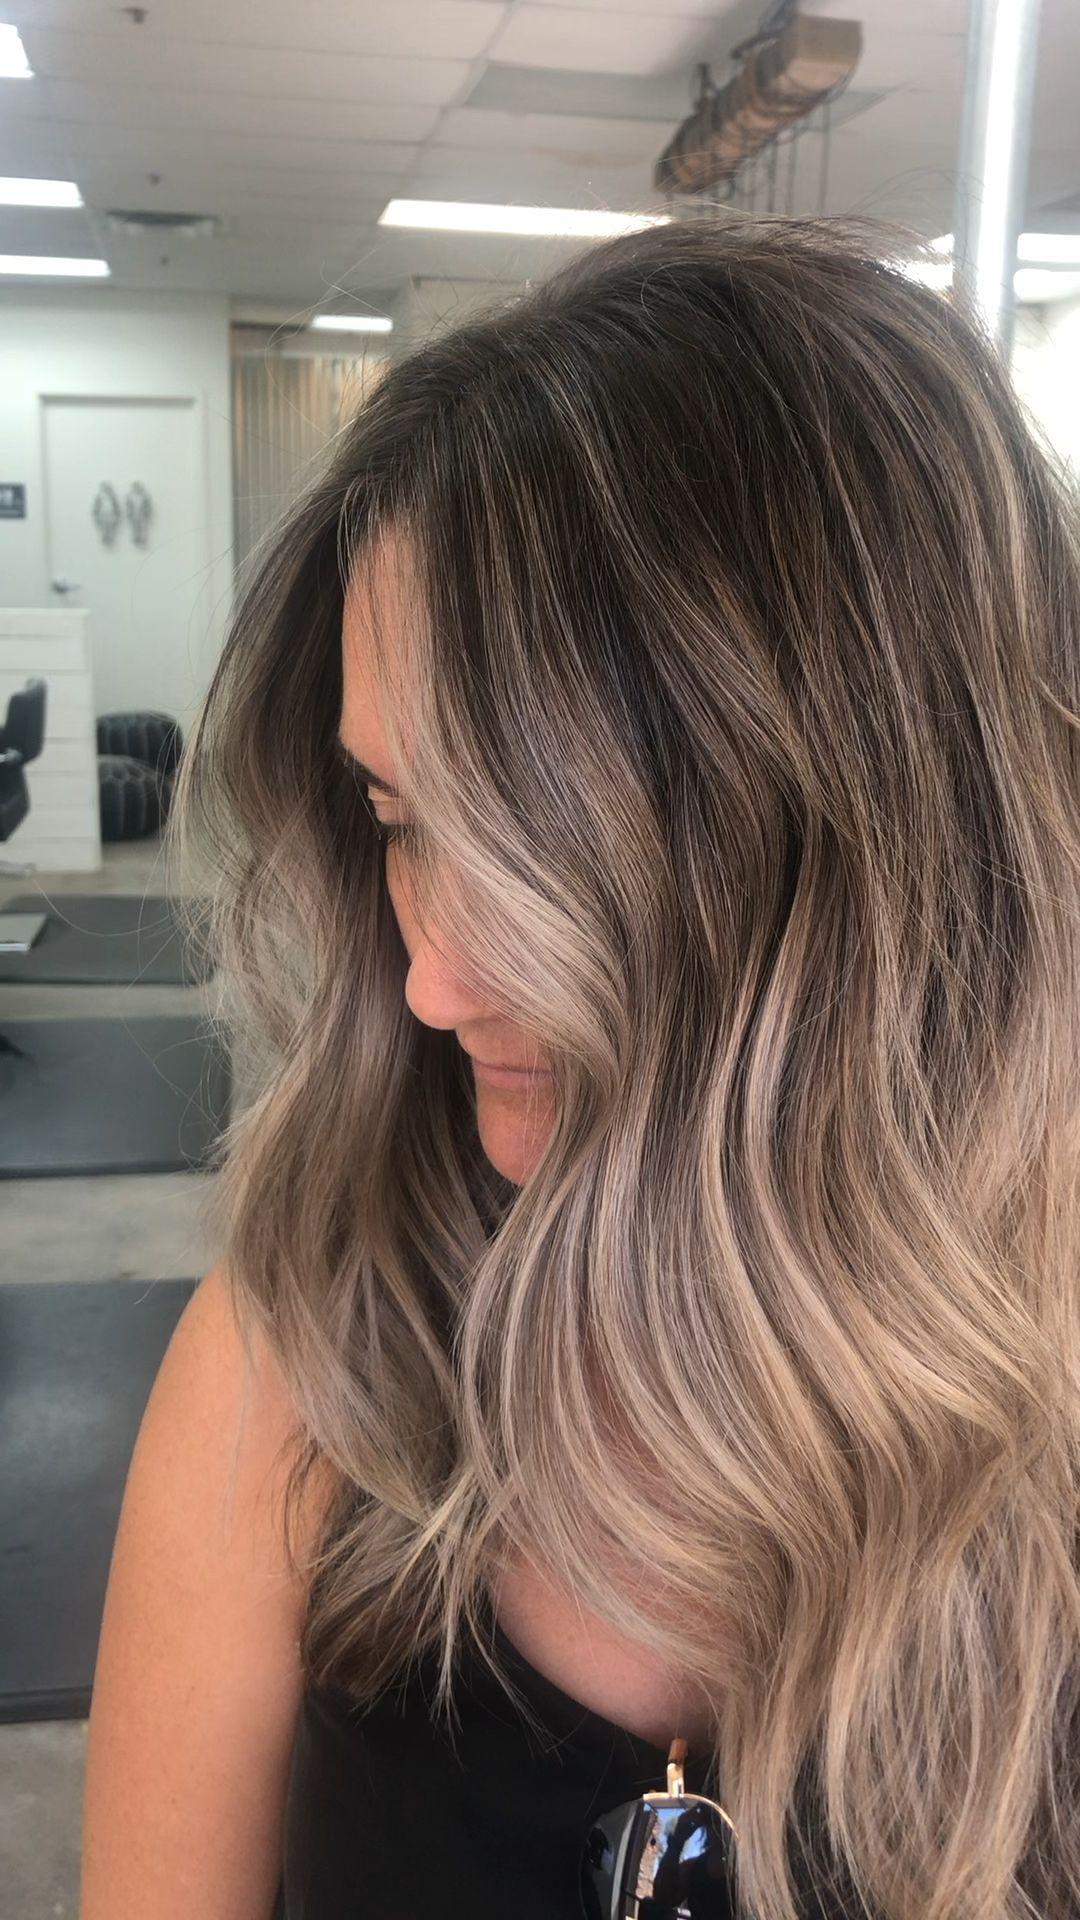 Photo of • SPECIALISTA BIONDA • COLORE COMPLETO (@alliemathews_hairtribe) • Foto e video di Instagram